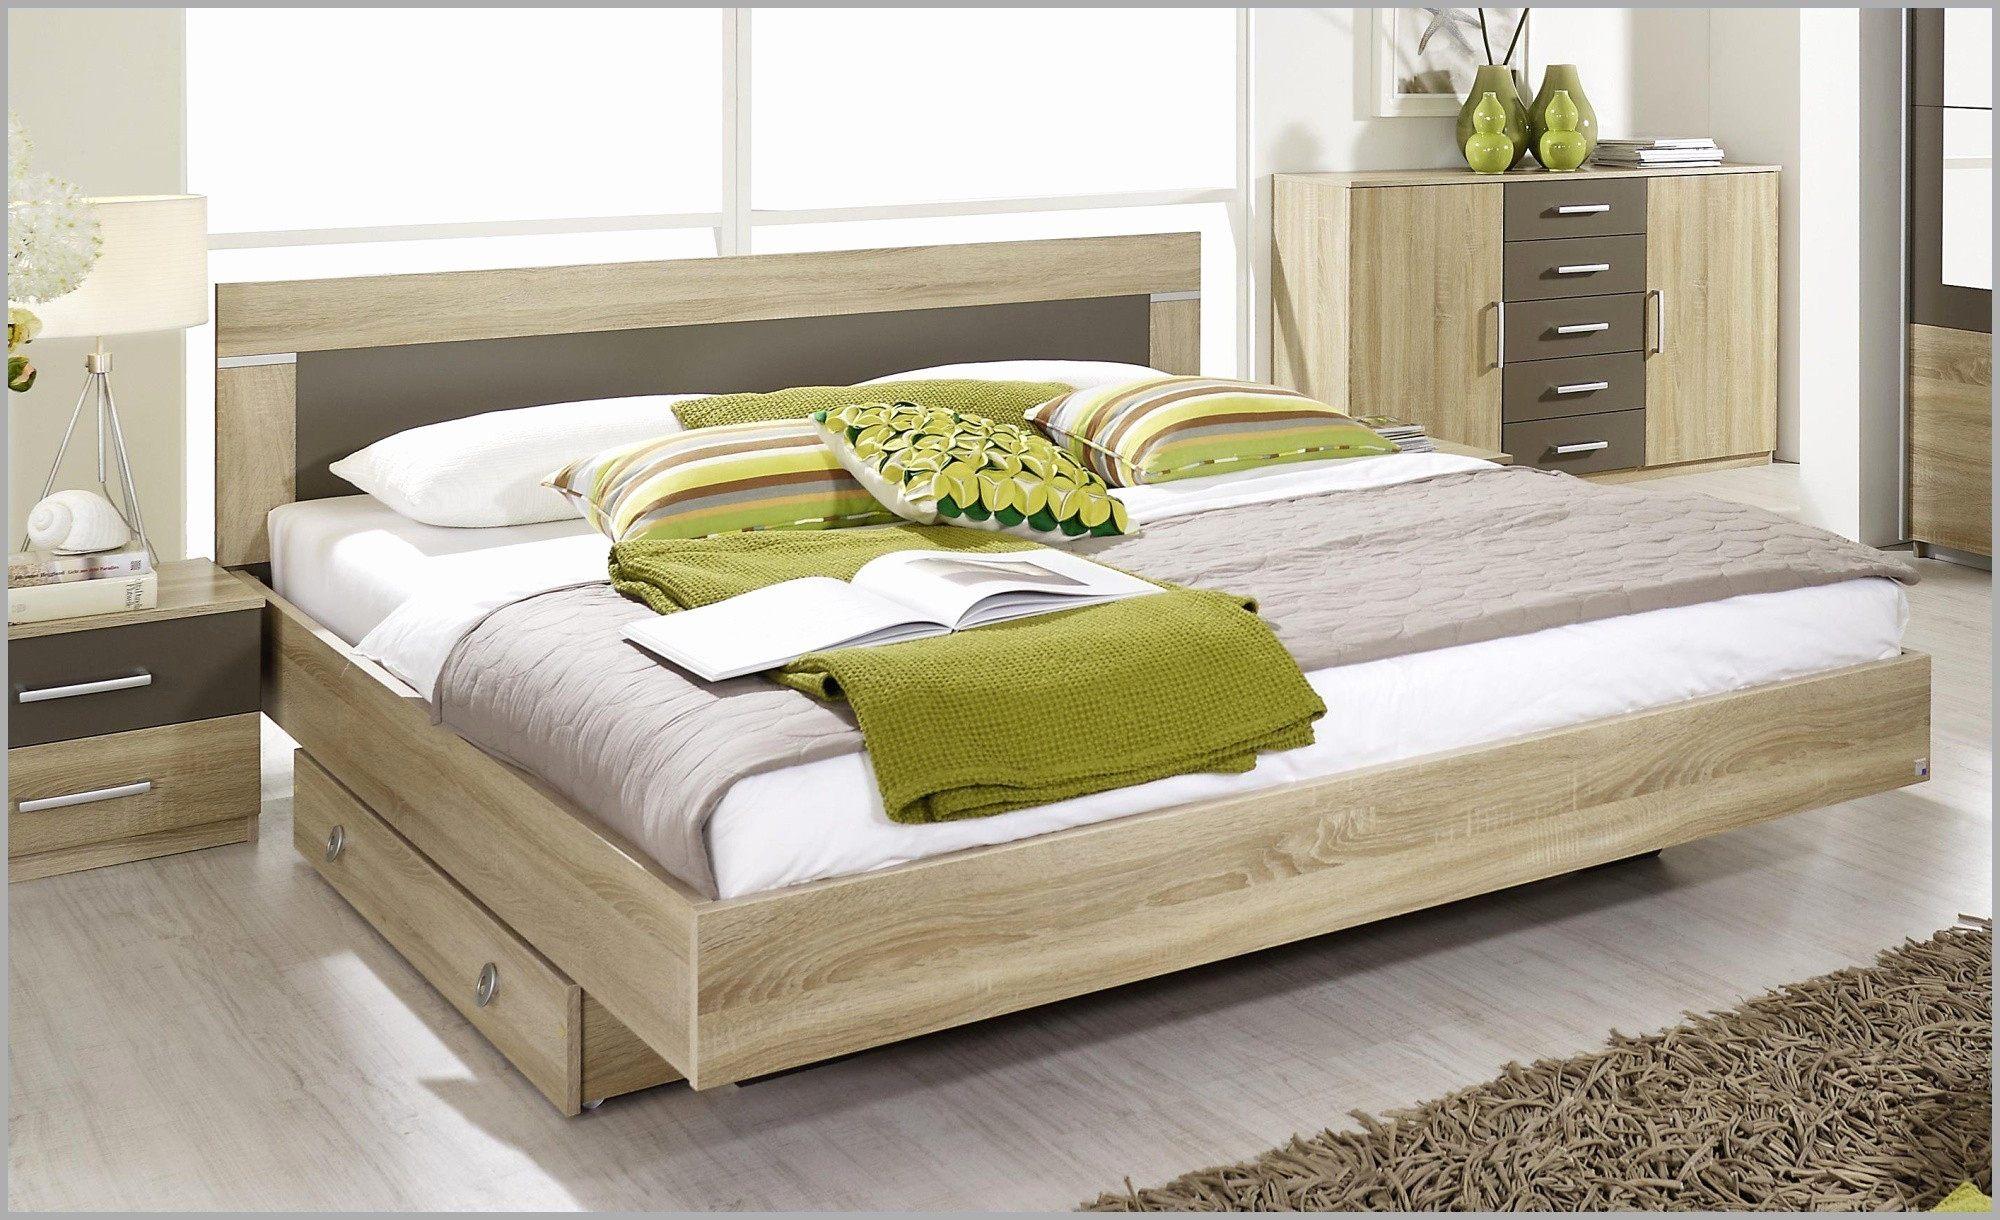 Tete De Lit 160 Design Meilleur De Tete De Lit 200 Tissu Tete Lit Rangement Meilleur Lit Rangement 0d